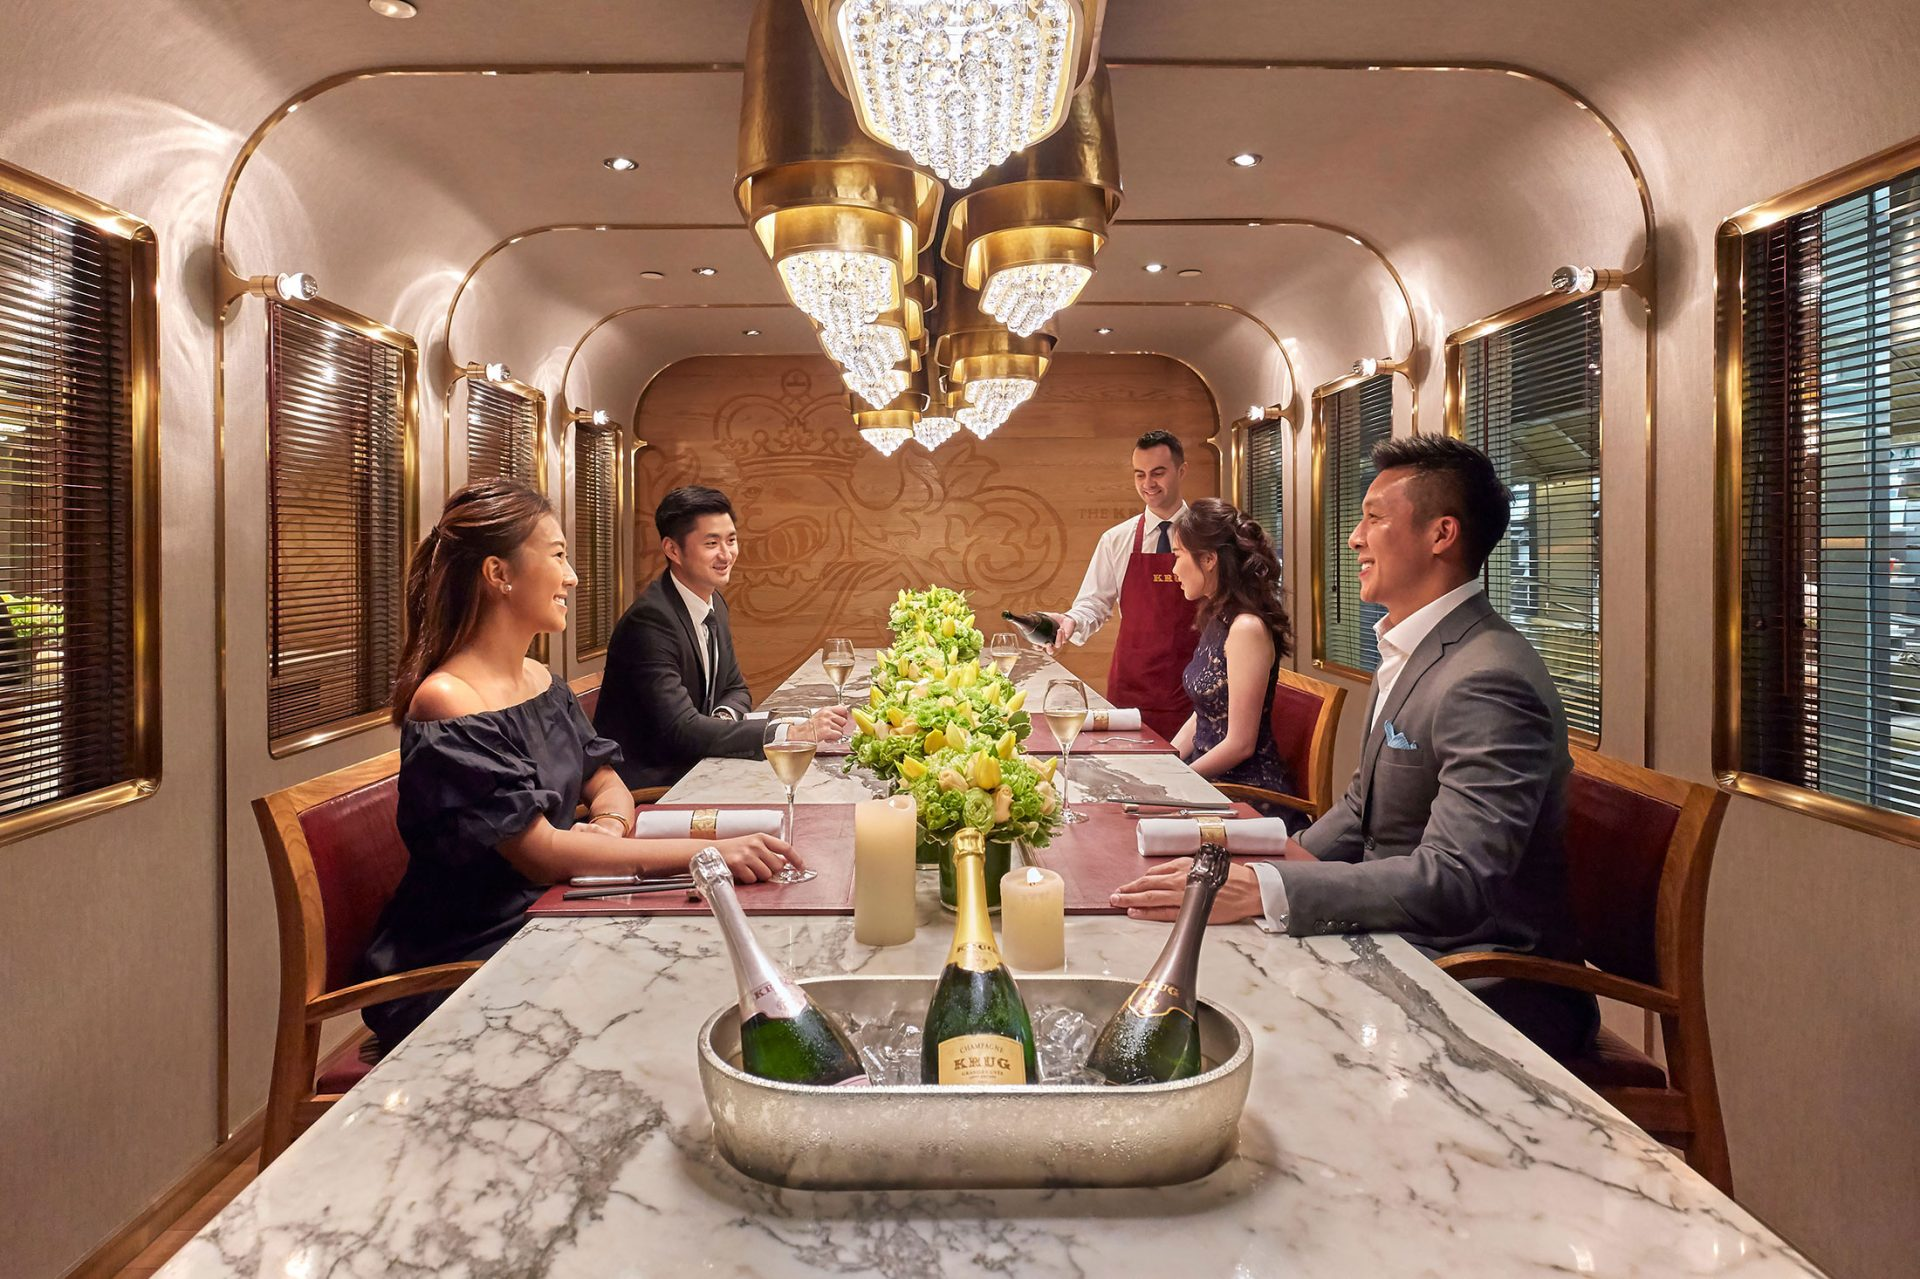 MAndarin Oriental Hong Kong Krug Bar Couples having dinner